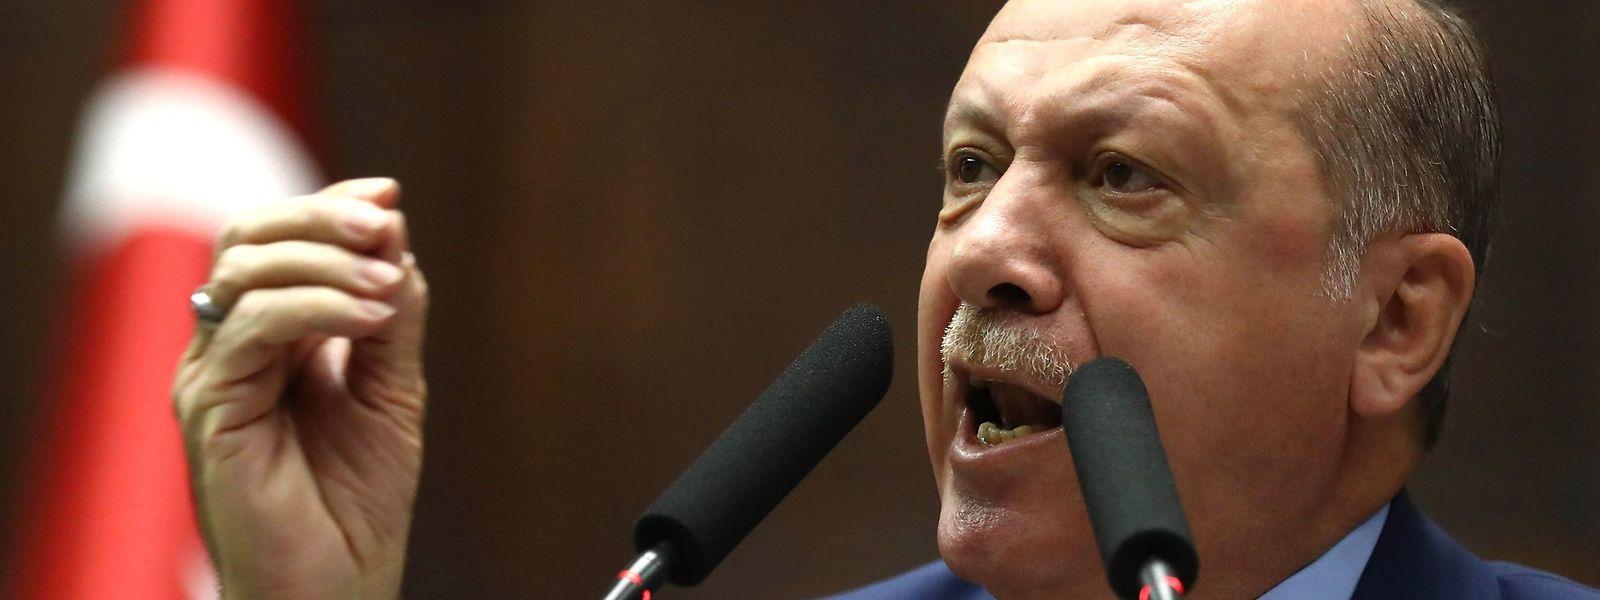 """Erdogan beschuldigt die saudische Führung in einem Gastkommentar in der """"Washington Post"""" direkt."""